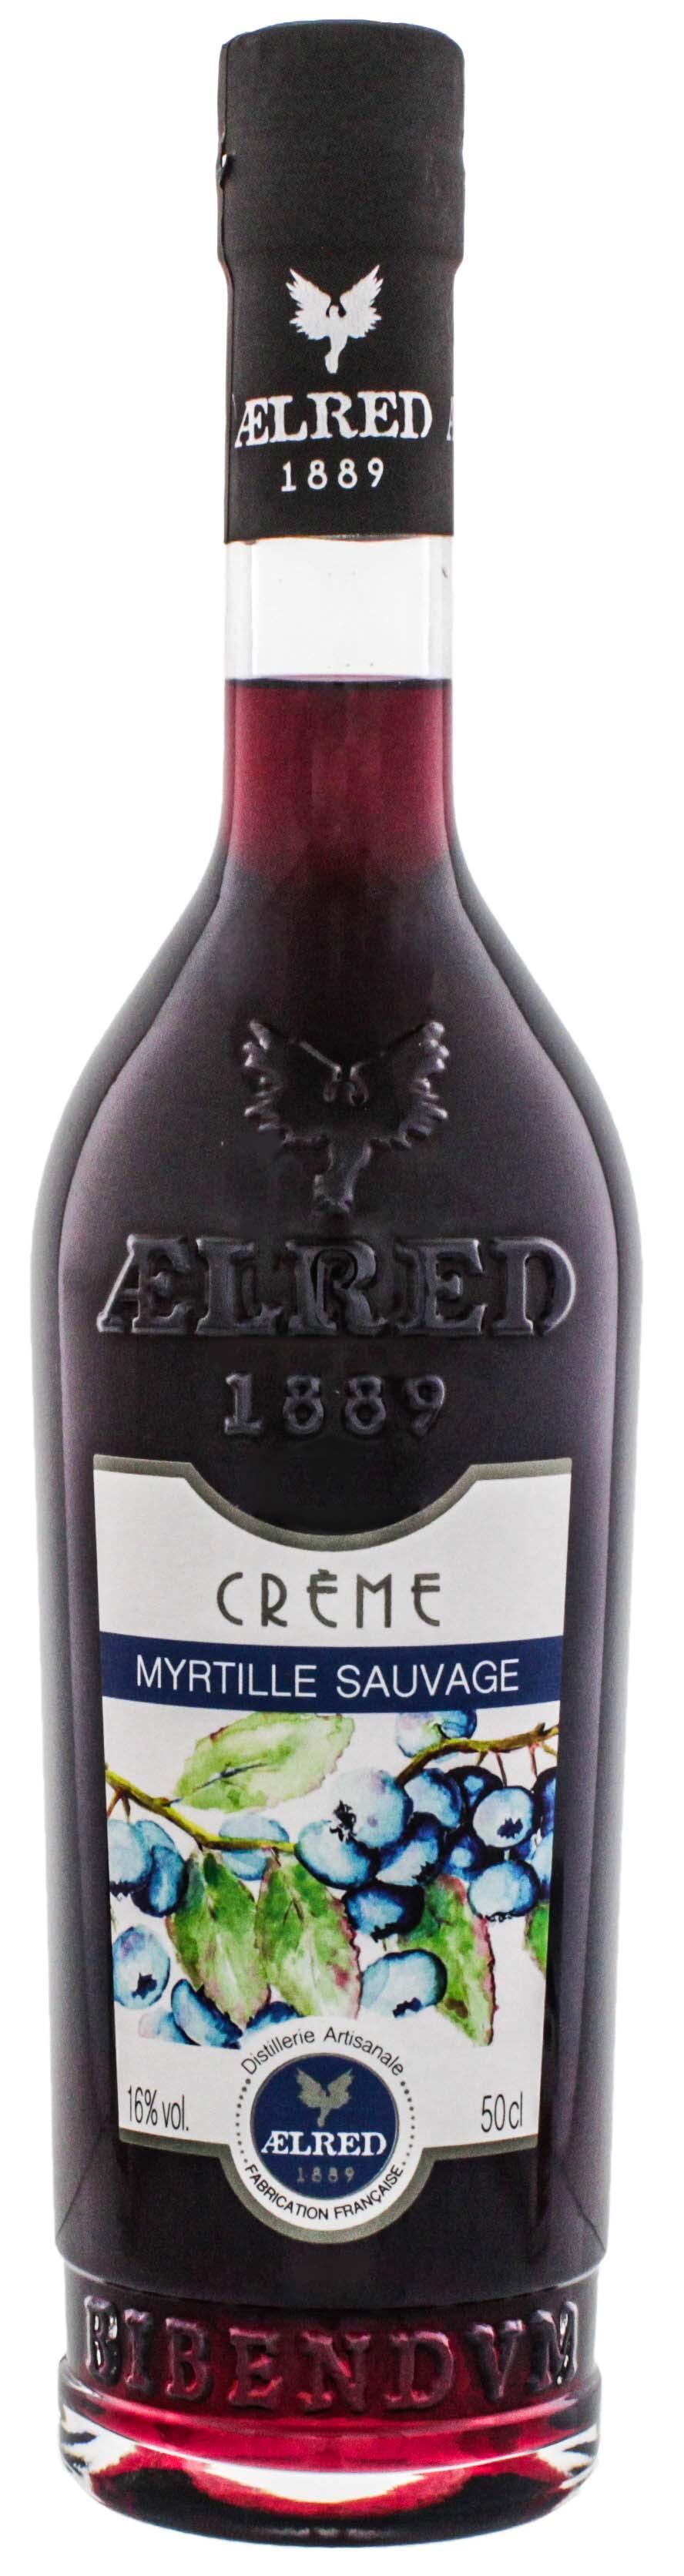 Aelred Liqueur 1889 Crème de Myrtille Sauvage (Heidelbeere) 0,5L 16%